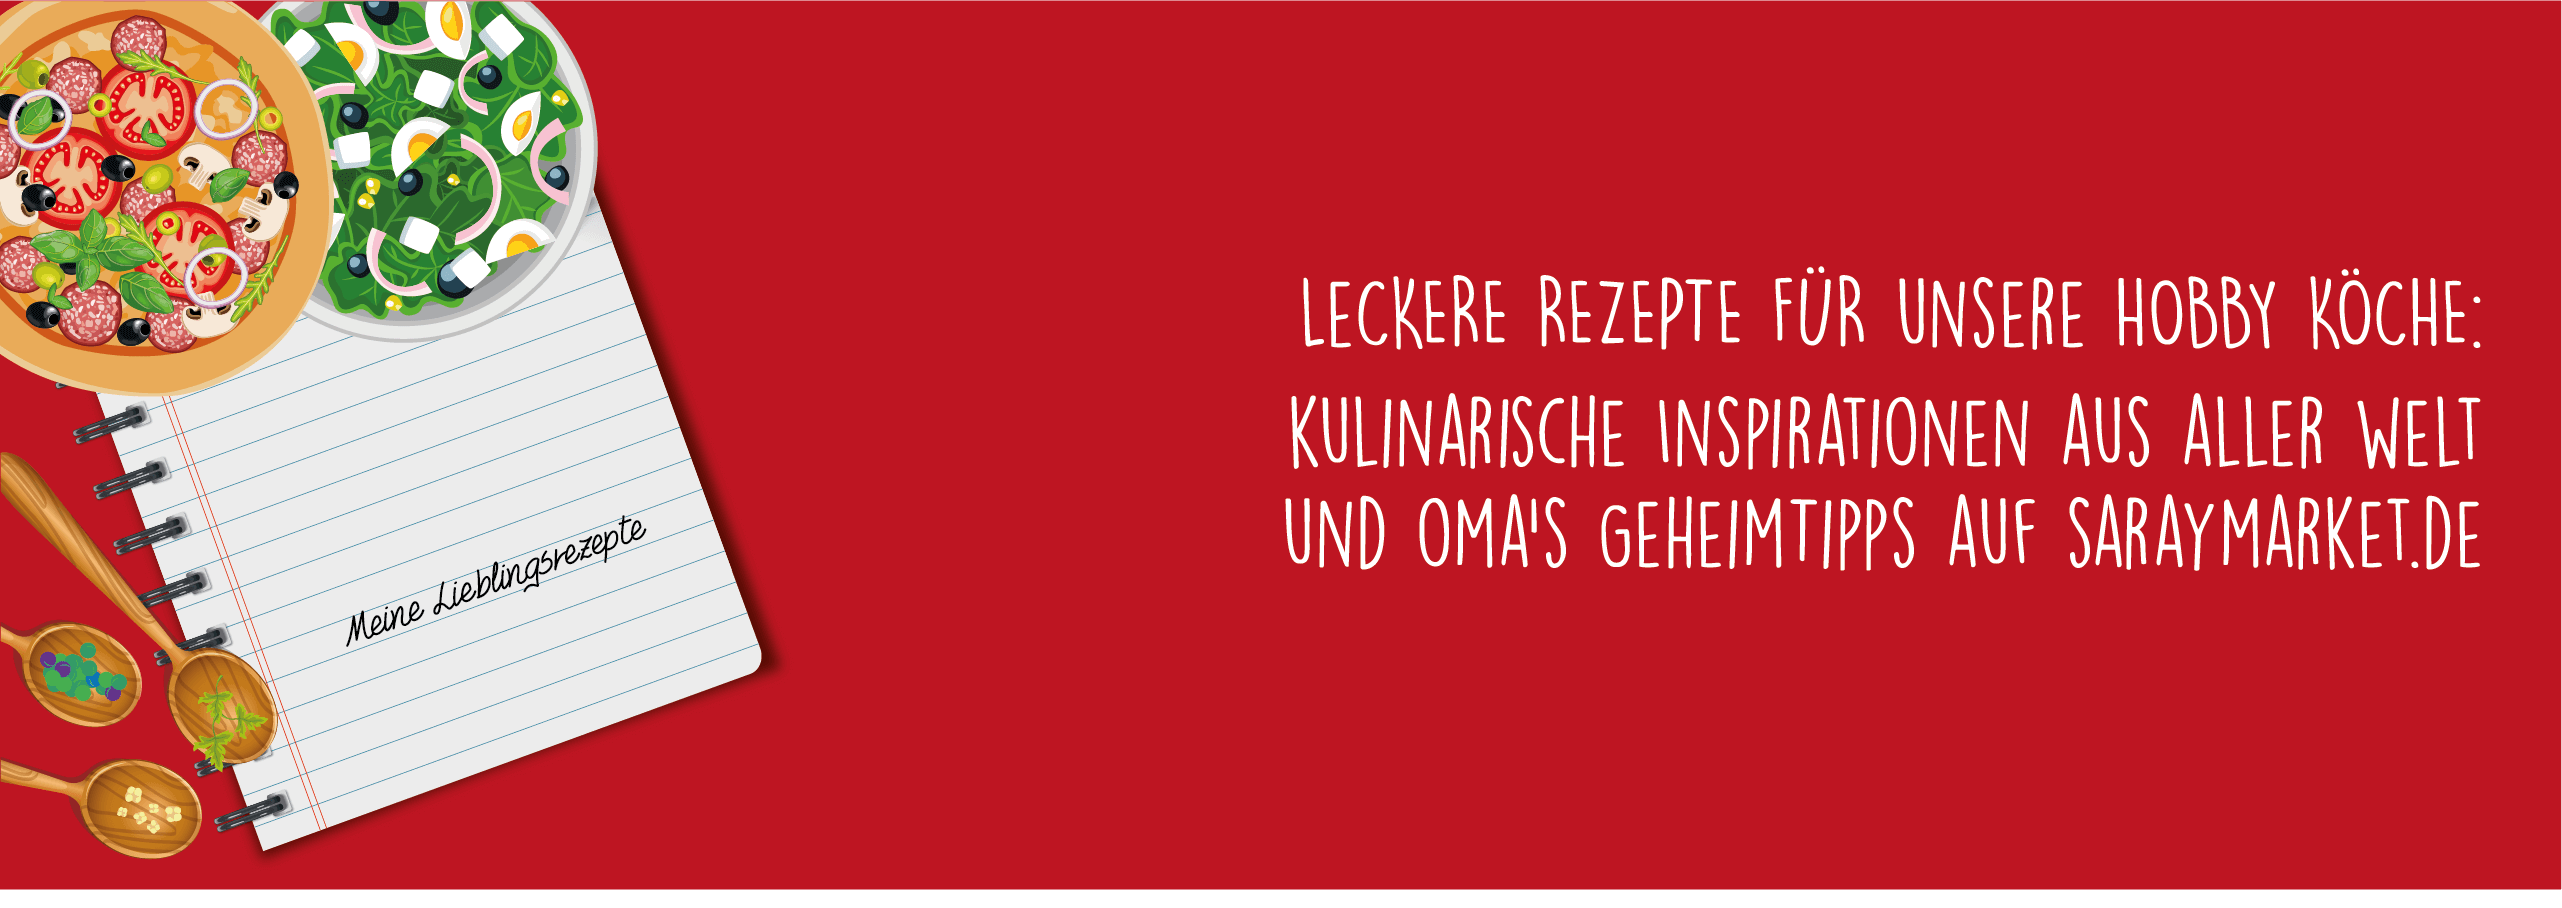 banner_rezepte_desktop